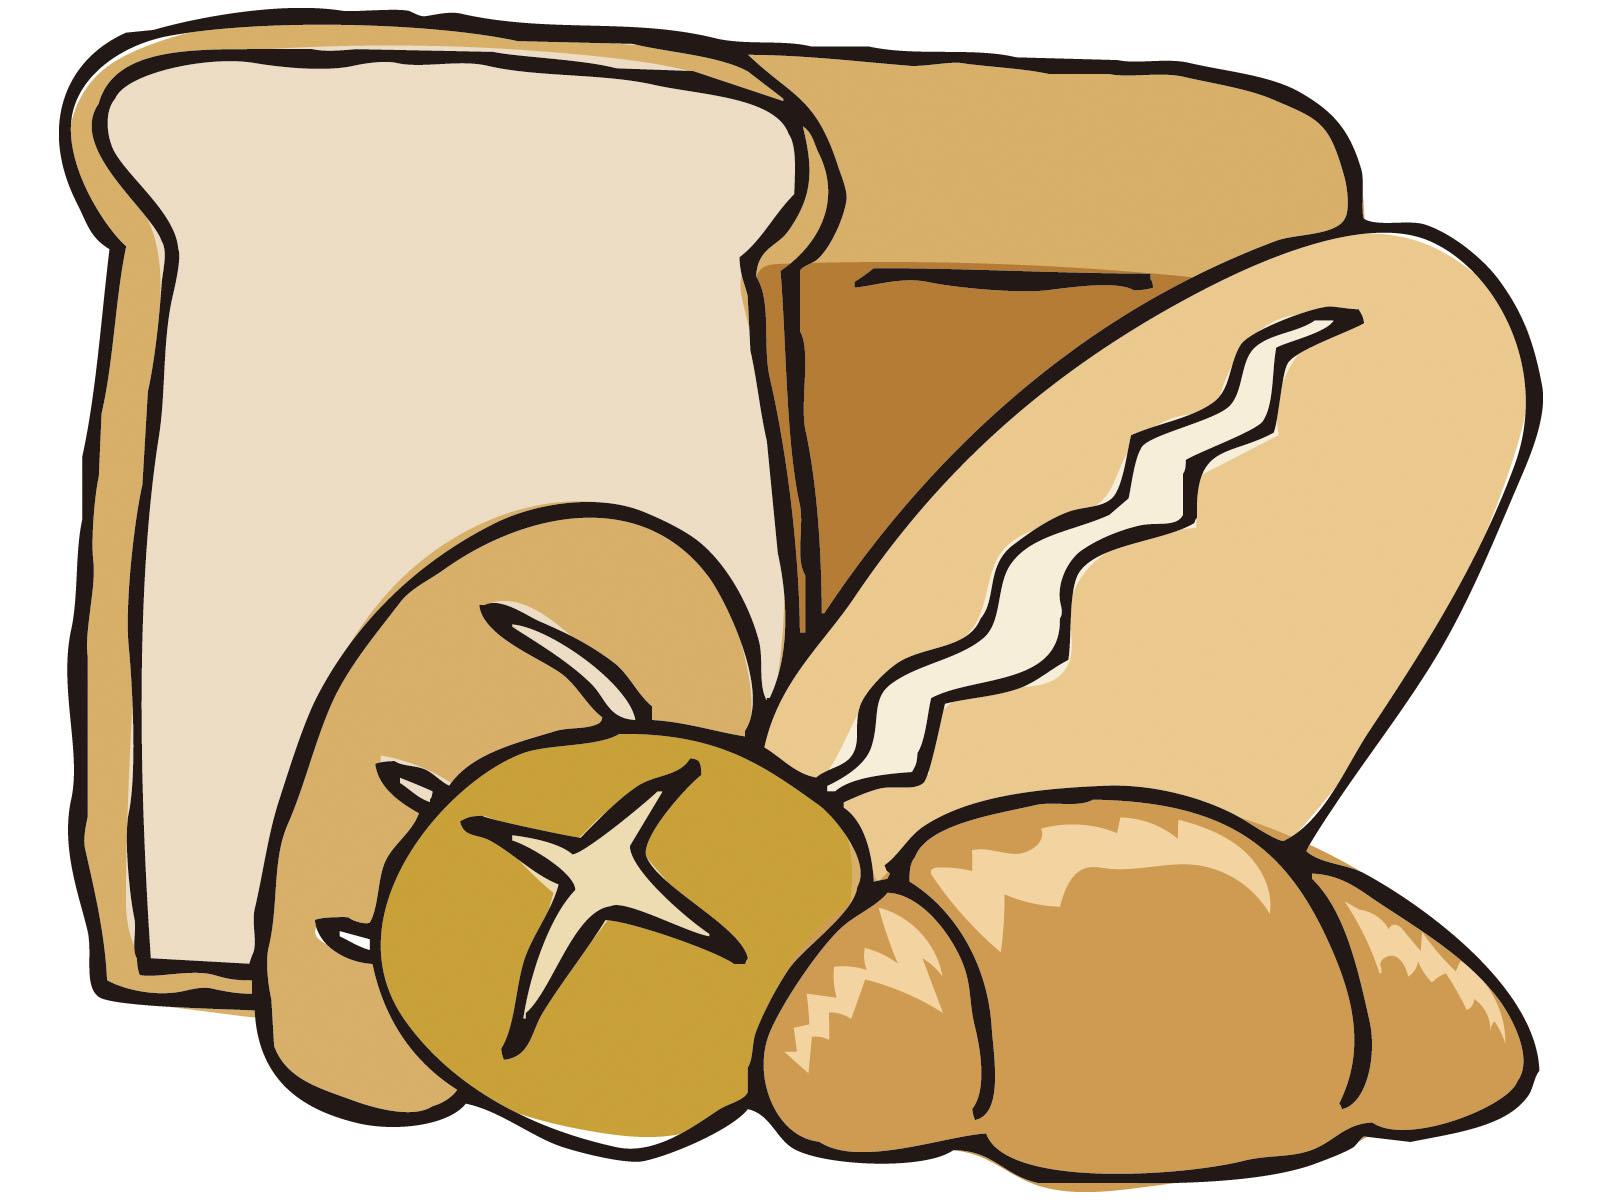 乳がん患者の8割は朝、パンを食べている